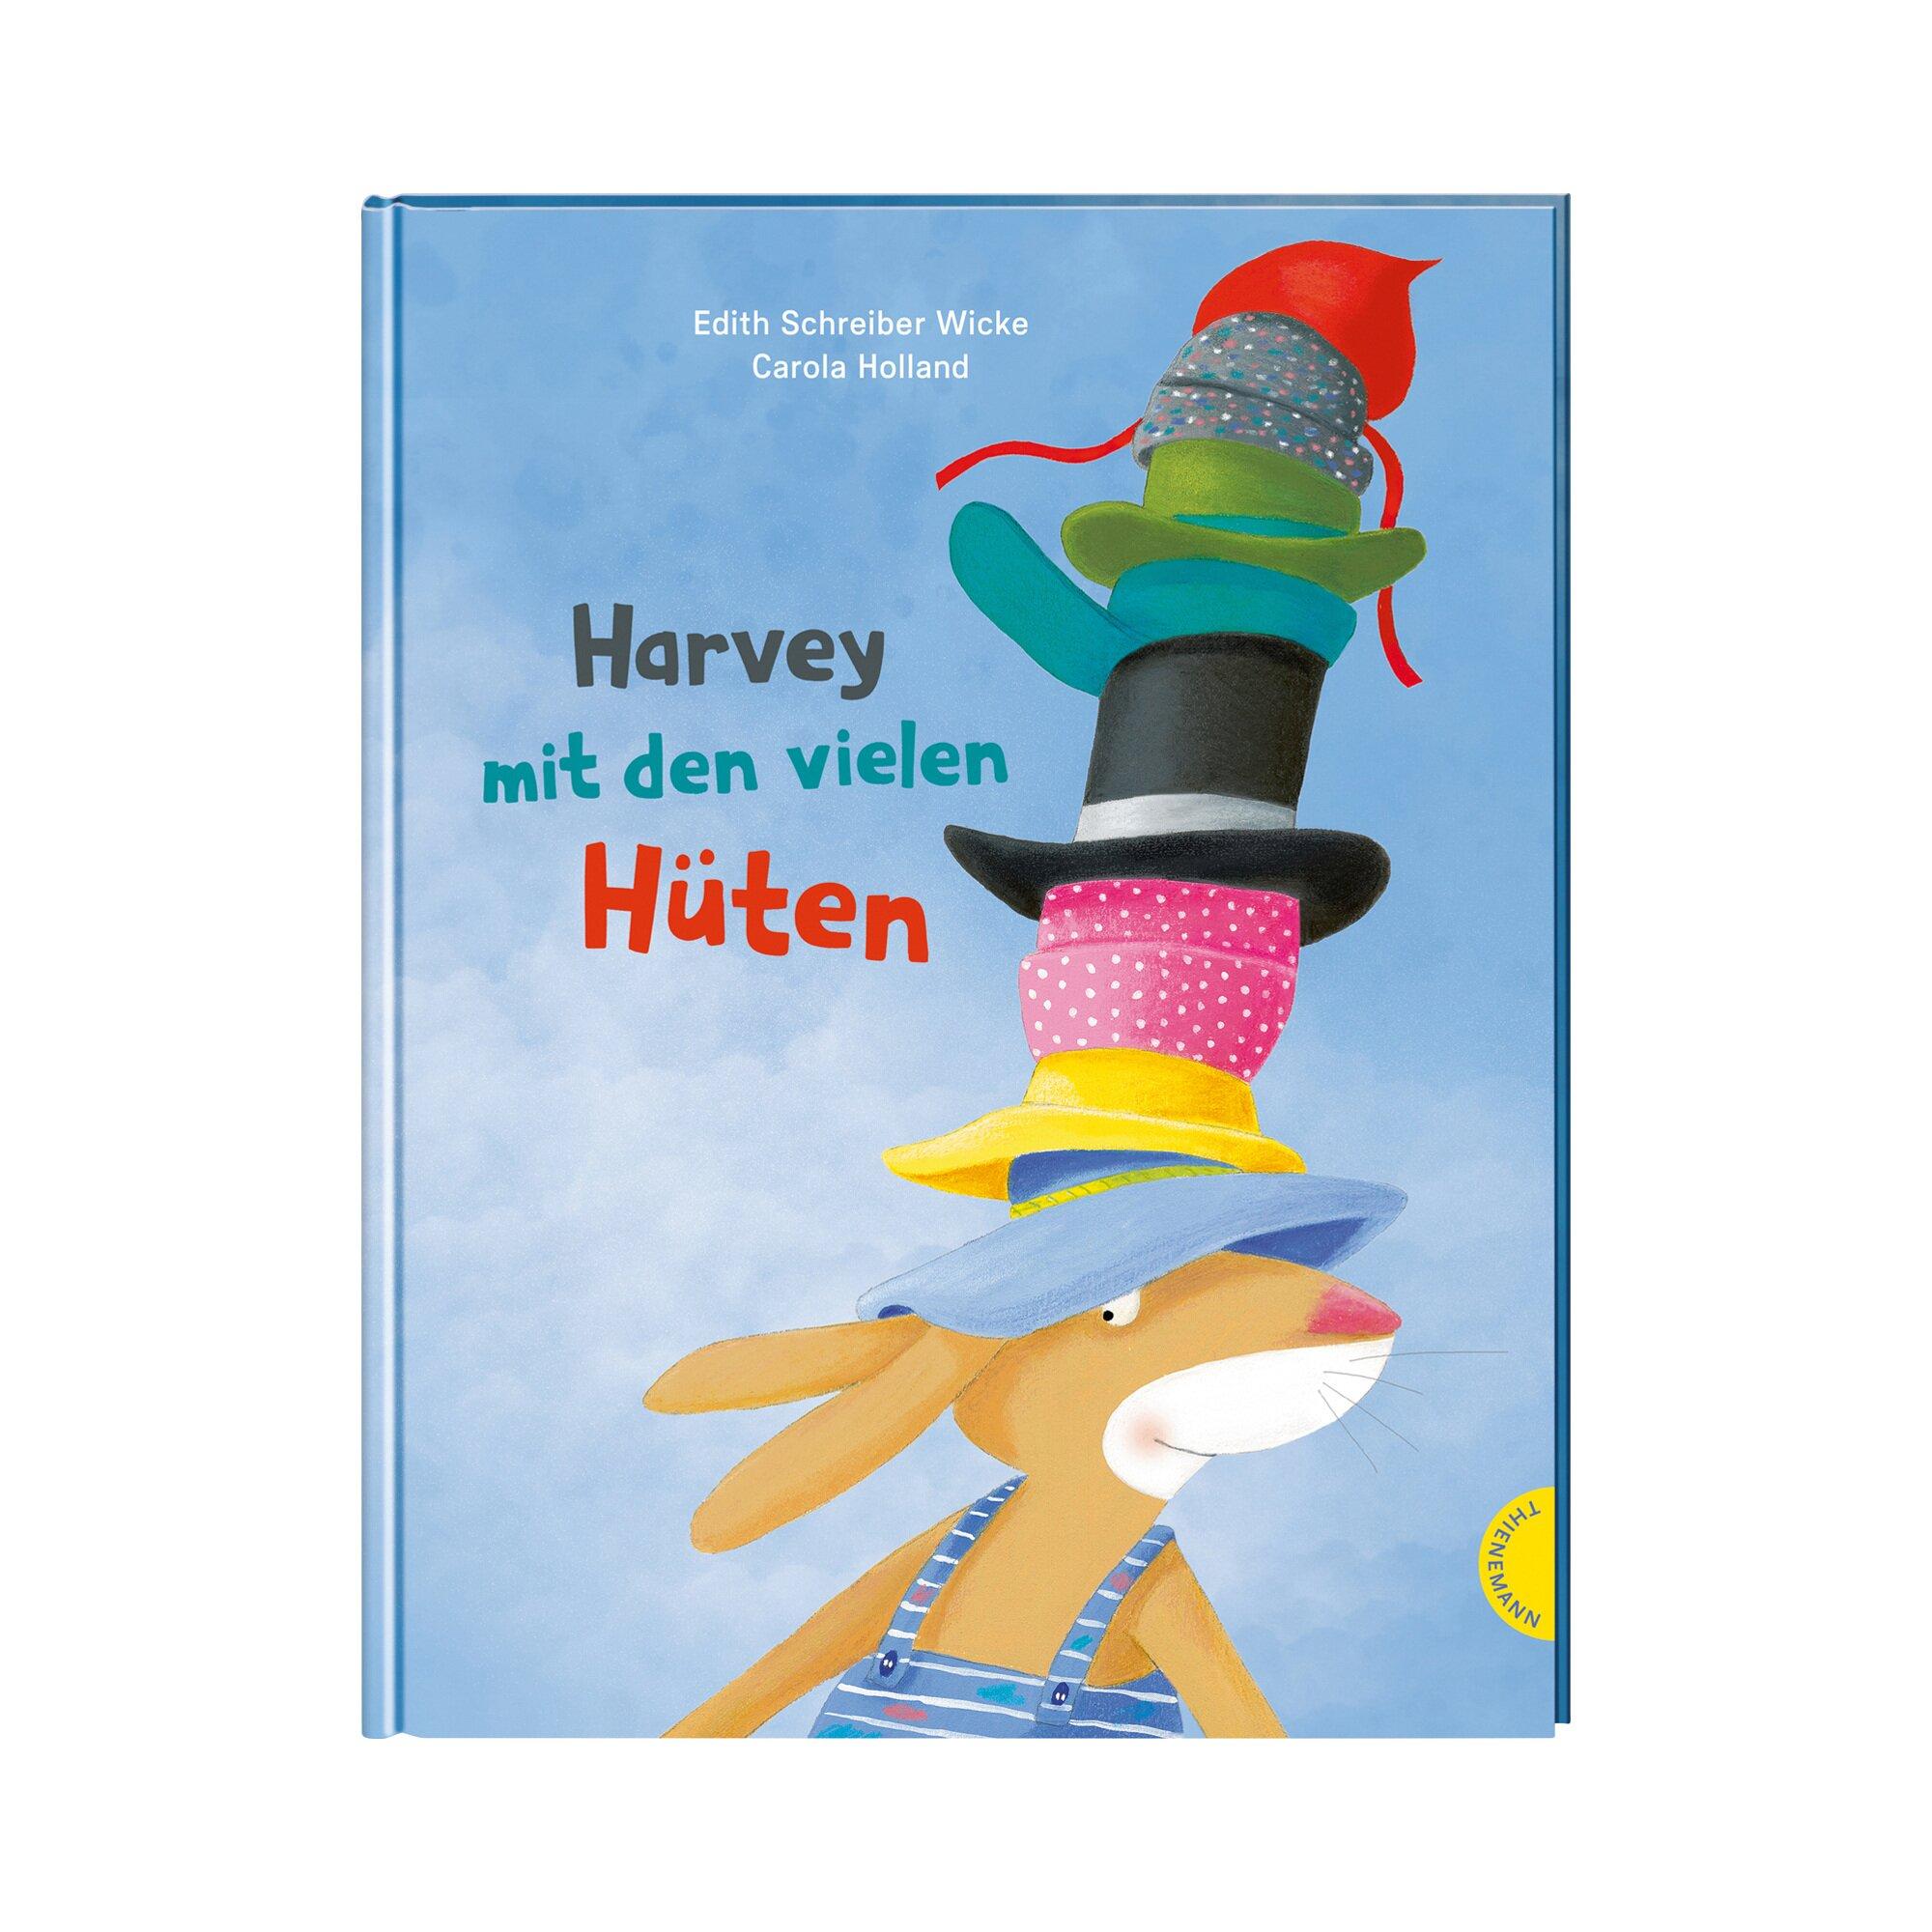 Thienemann-Esslinger Bilderbuch Harvey mit den vielen Hüten